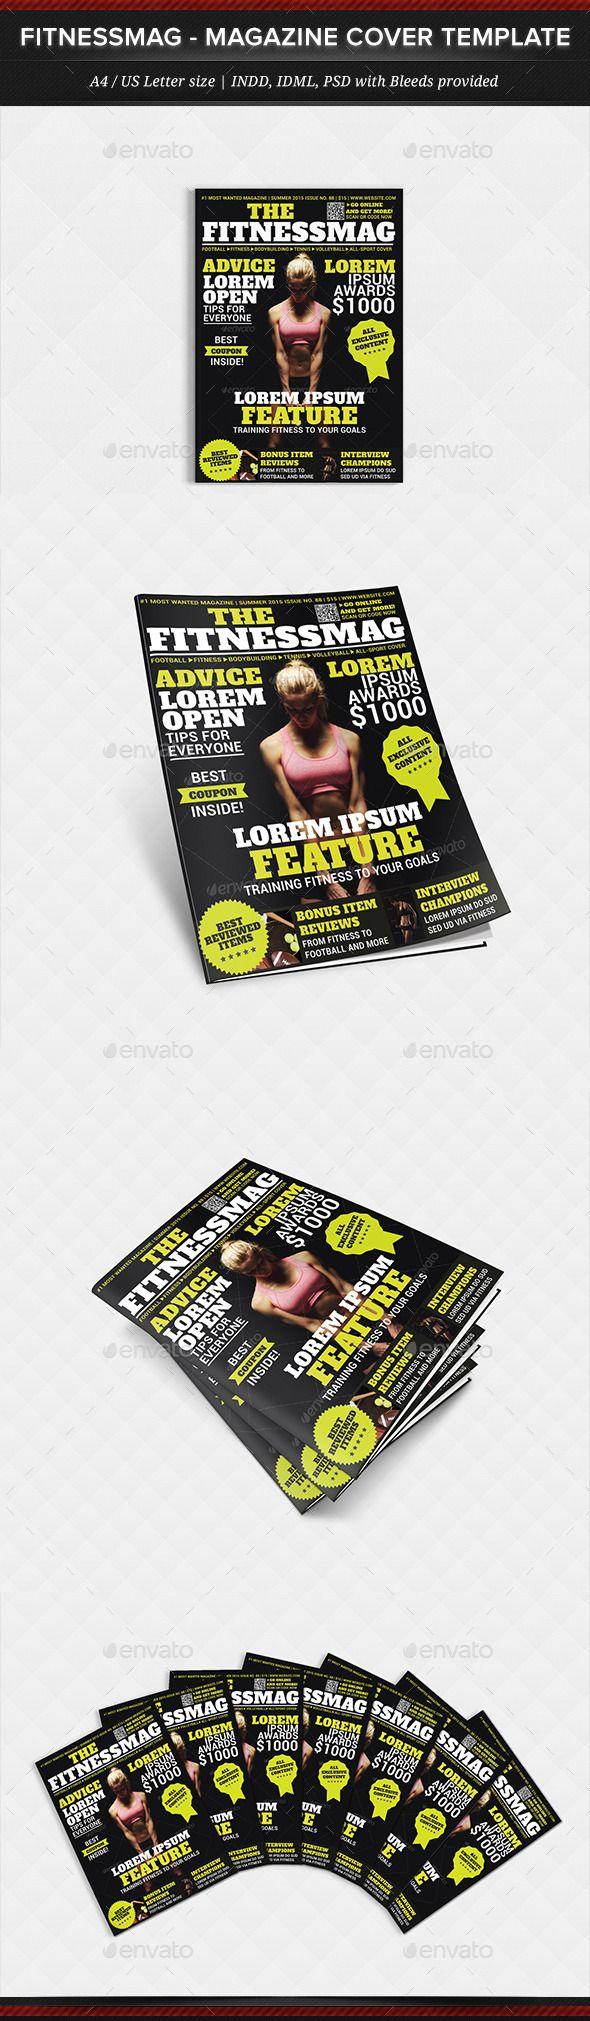 fitnessmag multipurpose magazine cover template design magazine